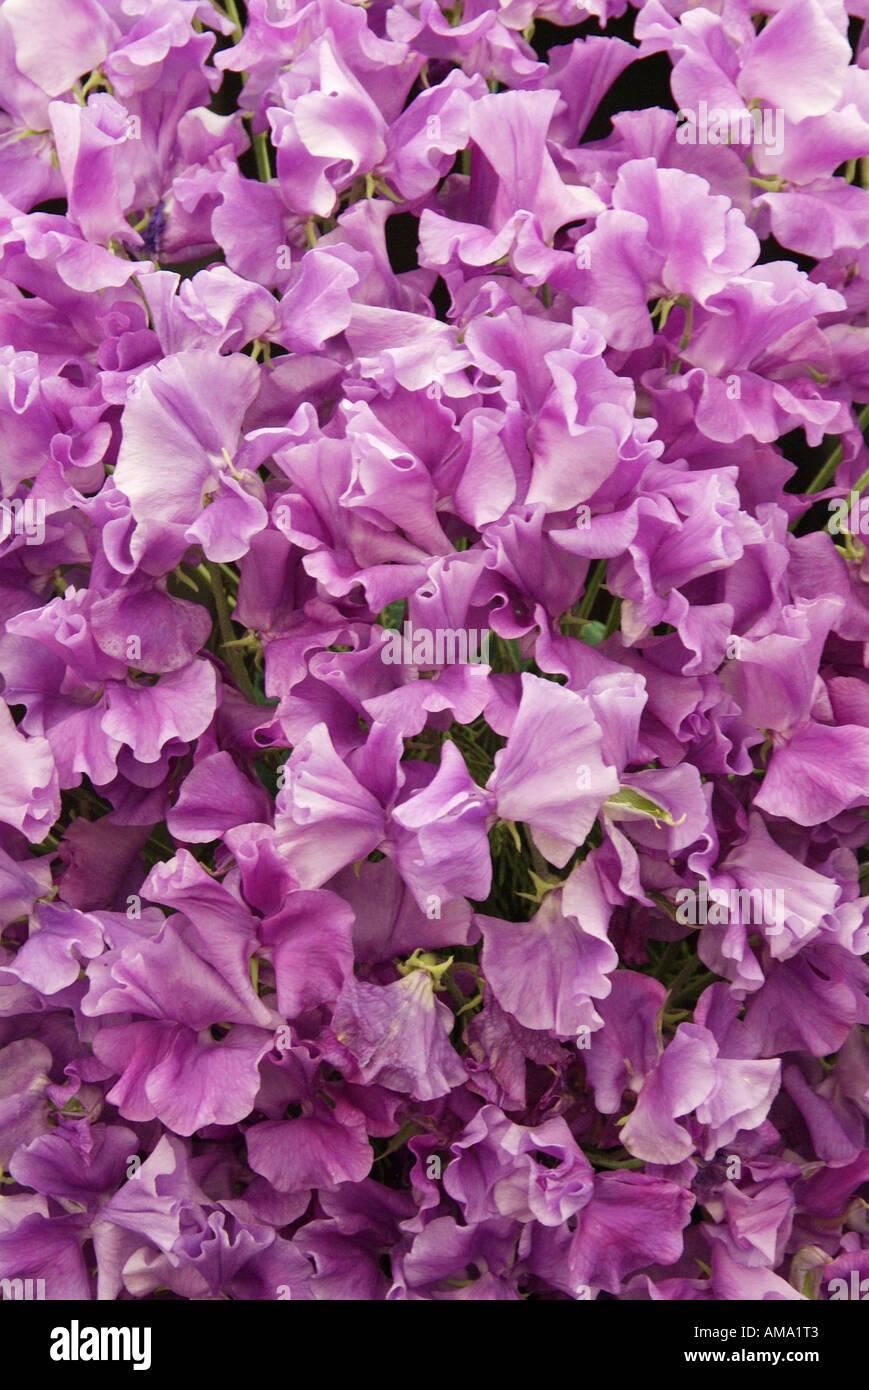 Bouquet de lilas de masse annuelle Lathyrus odoratus pois de Banque D'Images